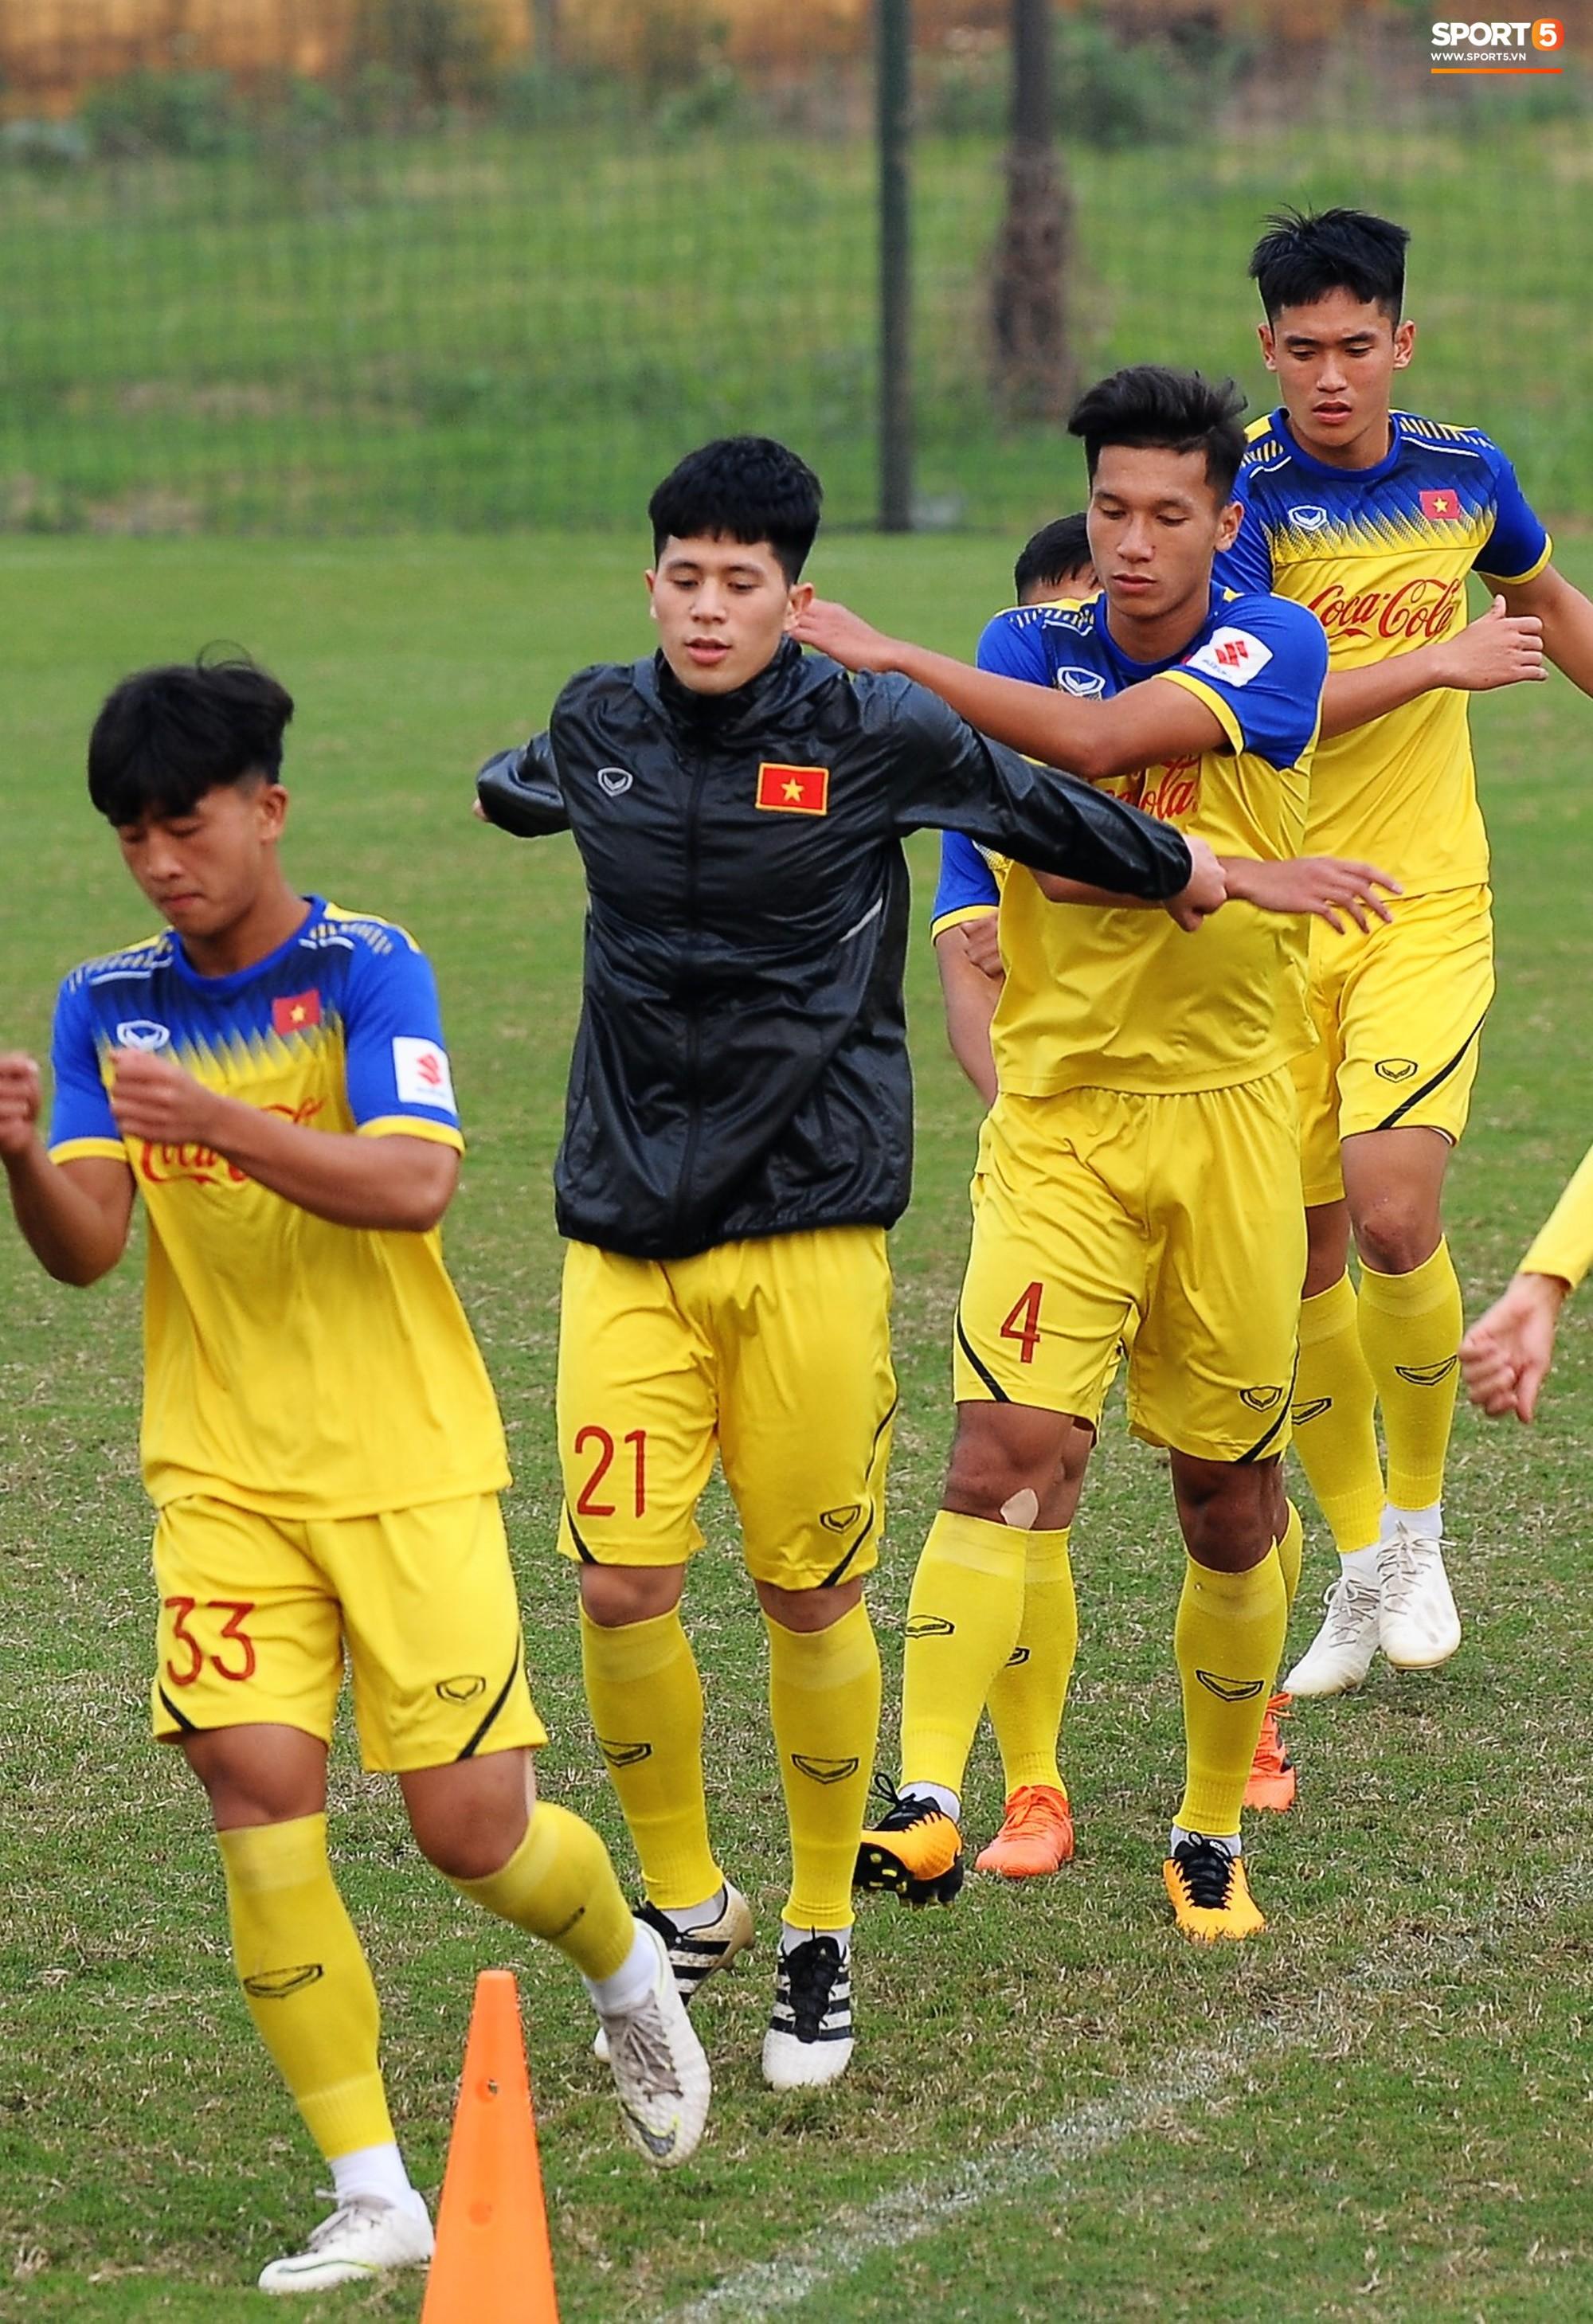 Đá ma mà cũng nắm chặt tay nhau thế này, bảo sao tuyển U23 Việt Nam luôn đoàn kết - Ảnh 9.